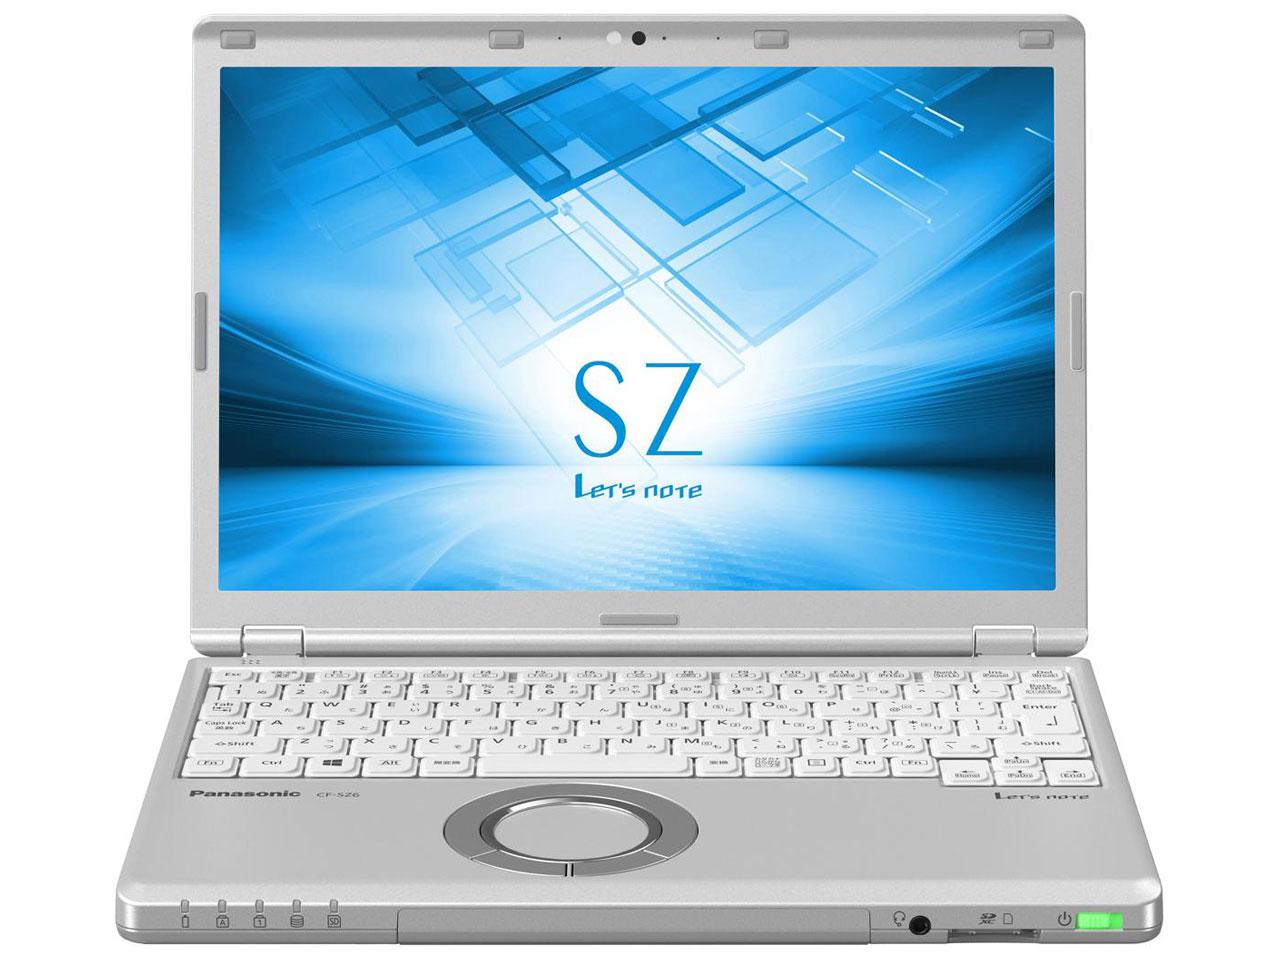 卸し売り購入 ノートパソコンPanasonic Let's note SZ6 CF-SZ6 CF-SZ6RDYVS 【】 Panasonic Let's note SZ6 ノートパソコンCore i5 Win10 Pro 64bit, ショウナイチョウ d0fb06e8